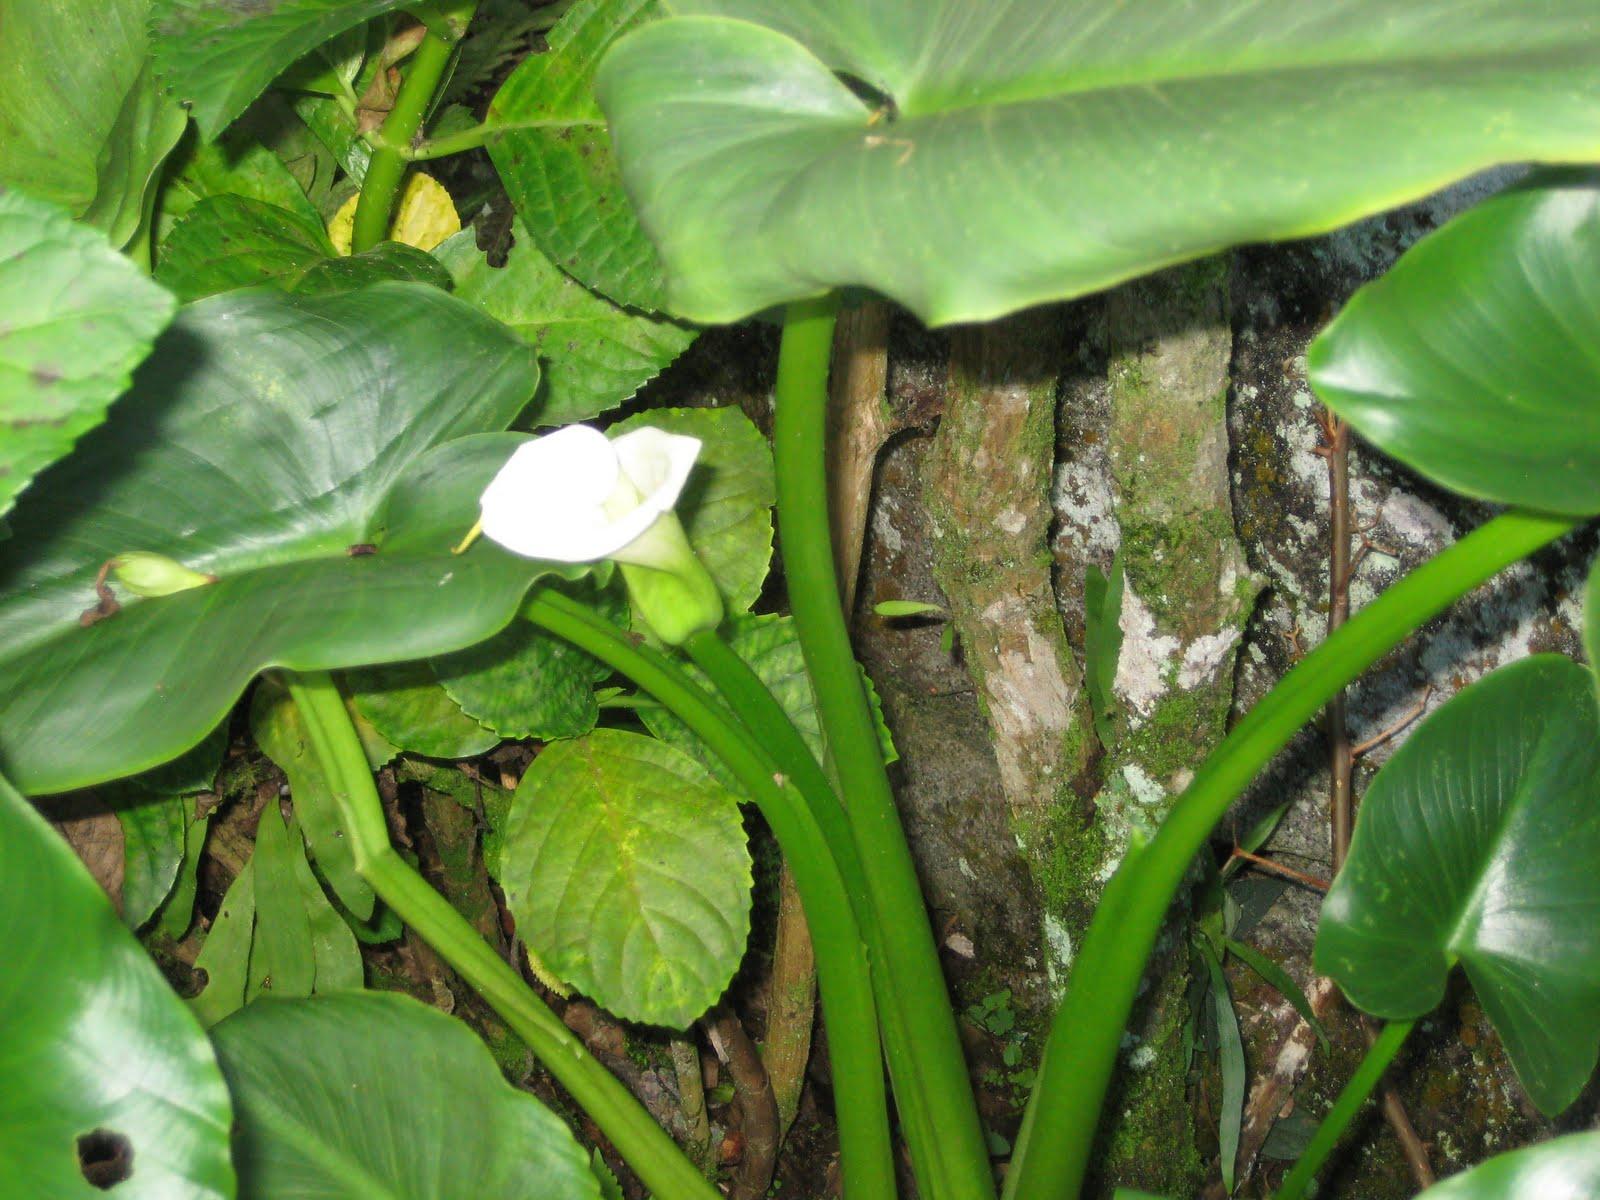 Proyecto de plantas ornamentales cartucho for Modelo de proyecto de plantas ornamentales